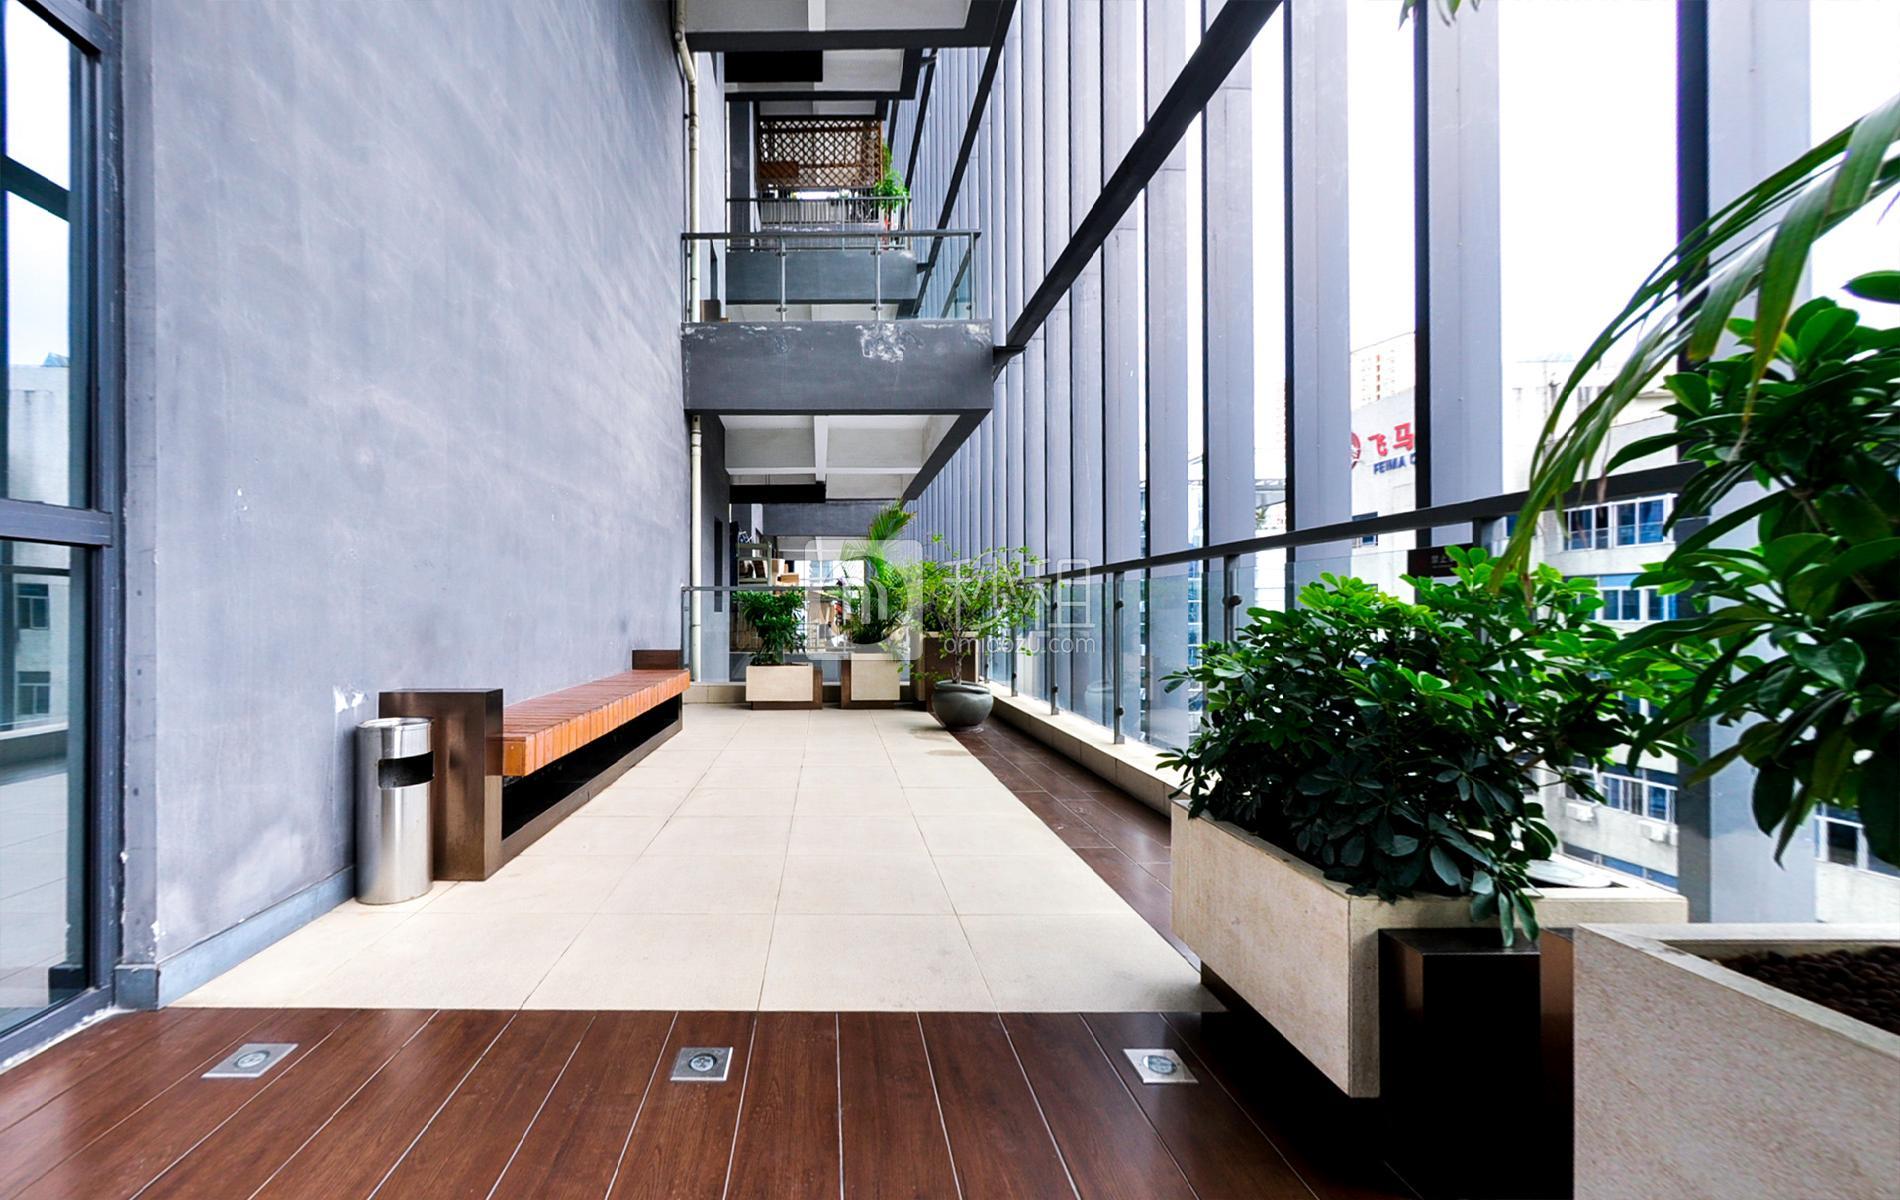 汉京国际大厦写字楼出租/招租/租赁,汉京国际大厦办公室出租/招租/租赁